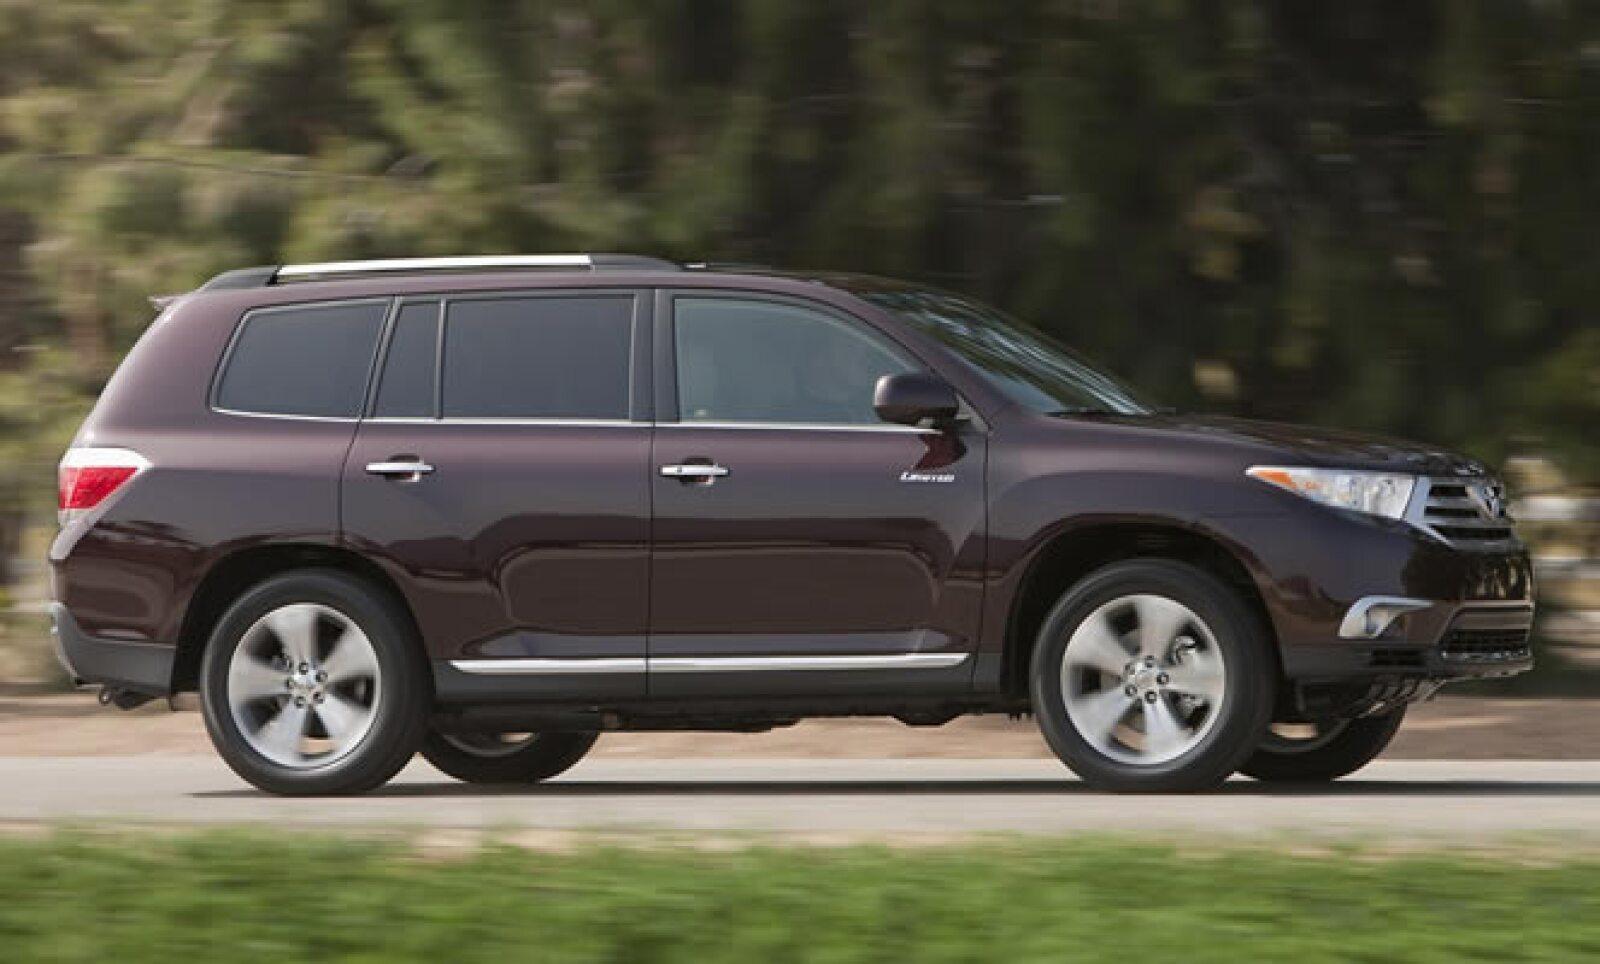 La llegada del modelo 2011, marca un nuevo capítulo en la historia de esta SUV, que el mes pasado superó en México las 5,000 unidades vendidas, desde su lanzamiento, hace tres años.